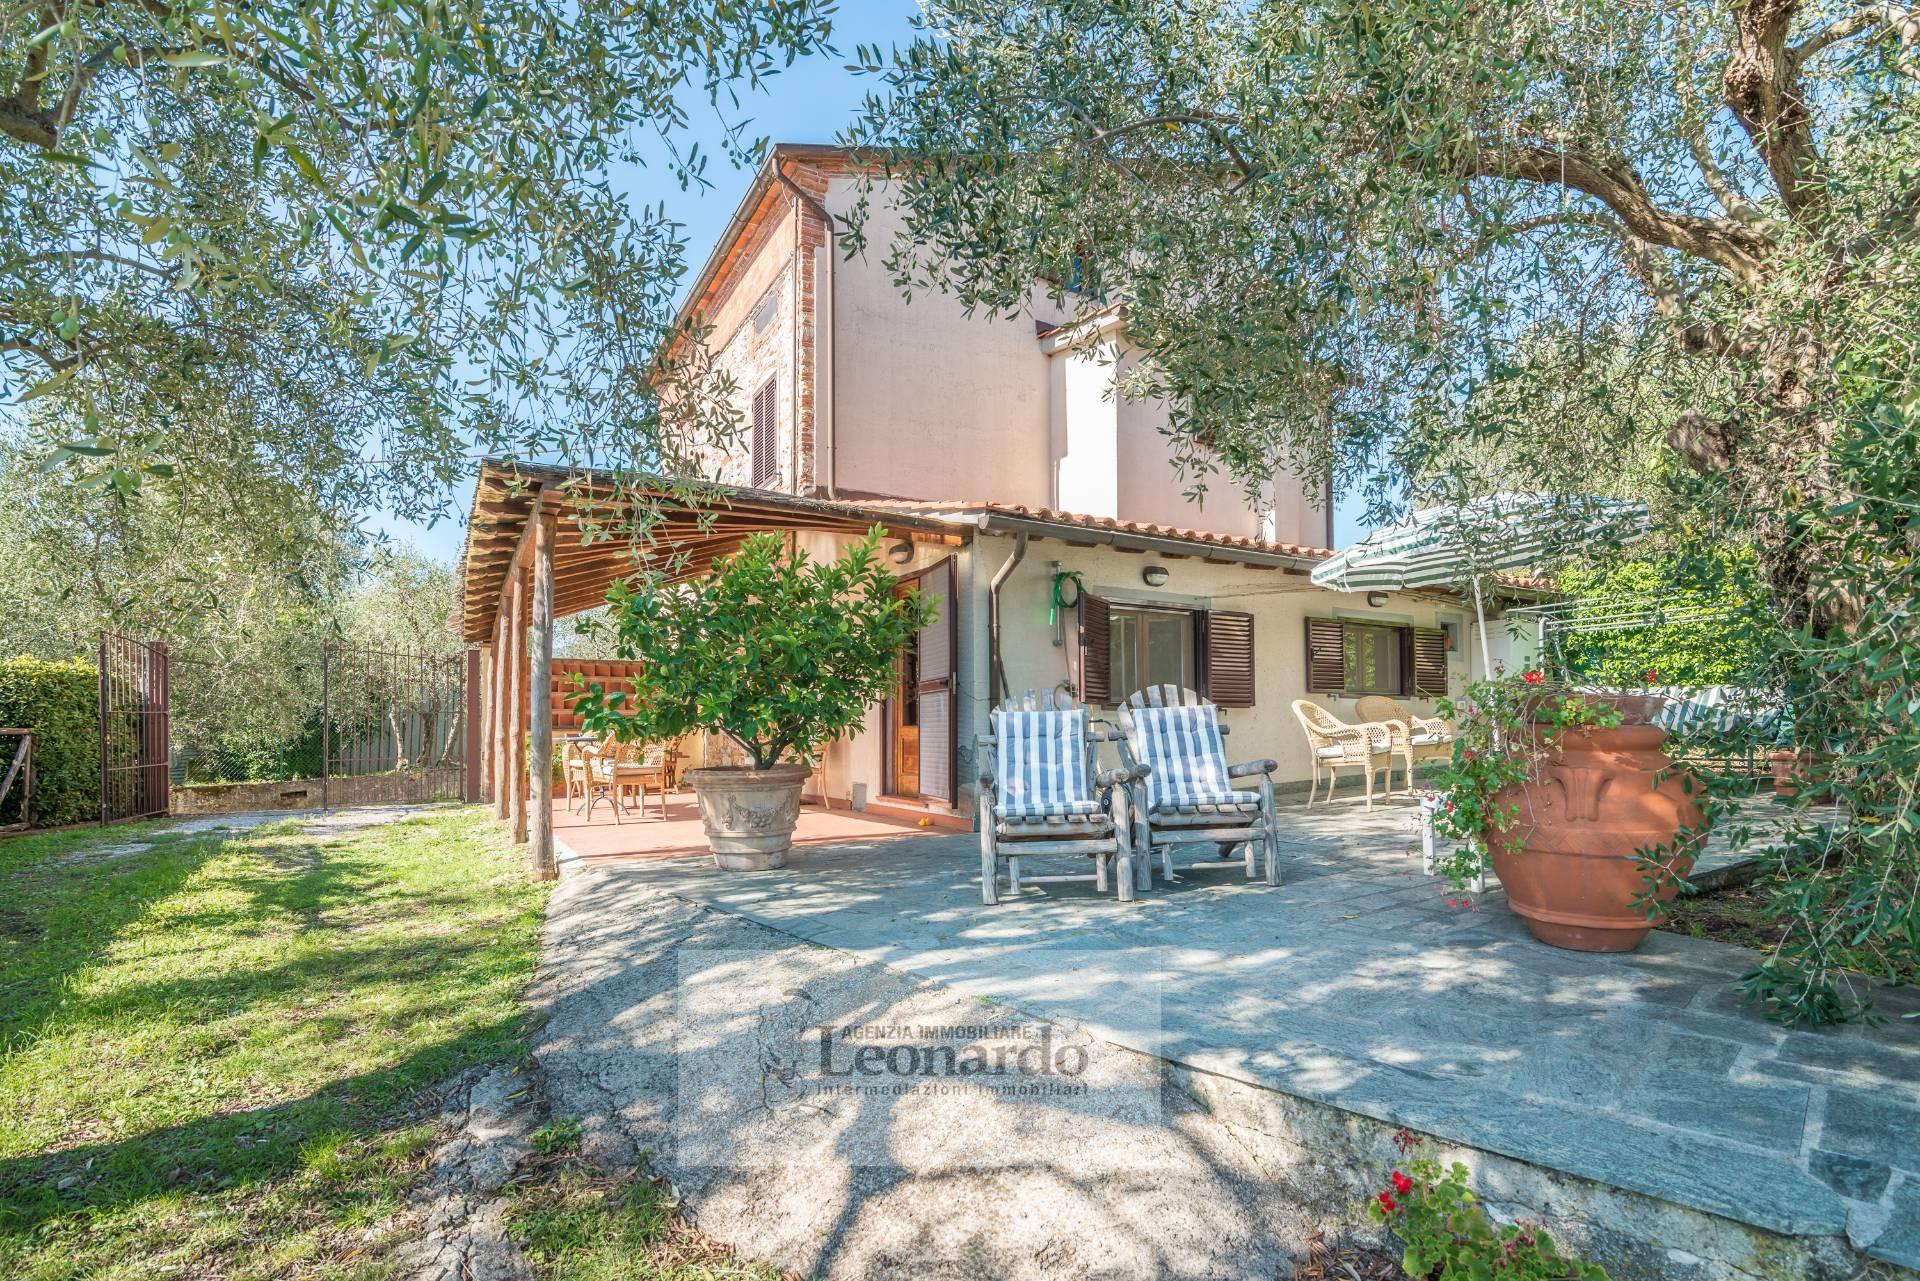 Villa in vendita a Massarosa, 7 locali, zona Località: PieveaElici, prezzo € 495.000 | Cambio Casa.it